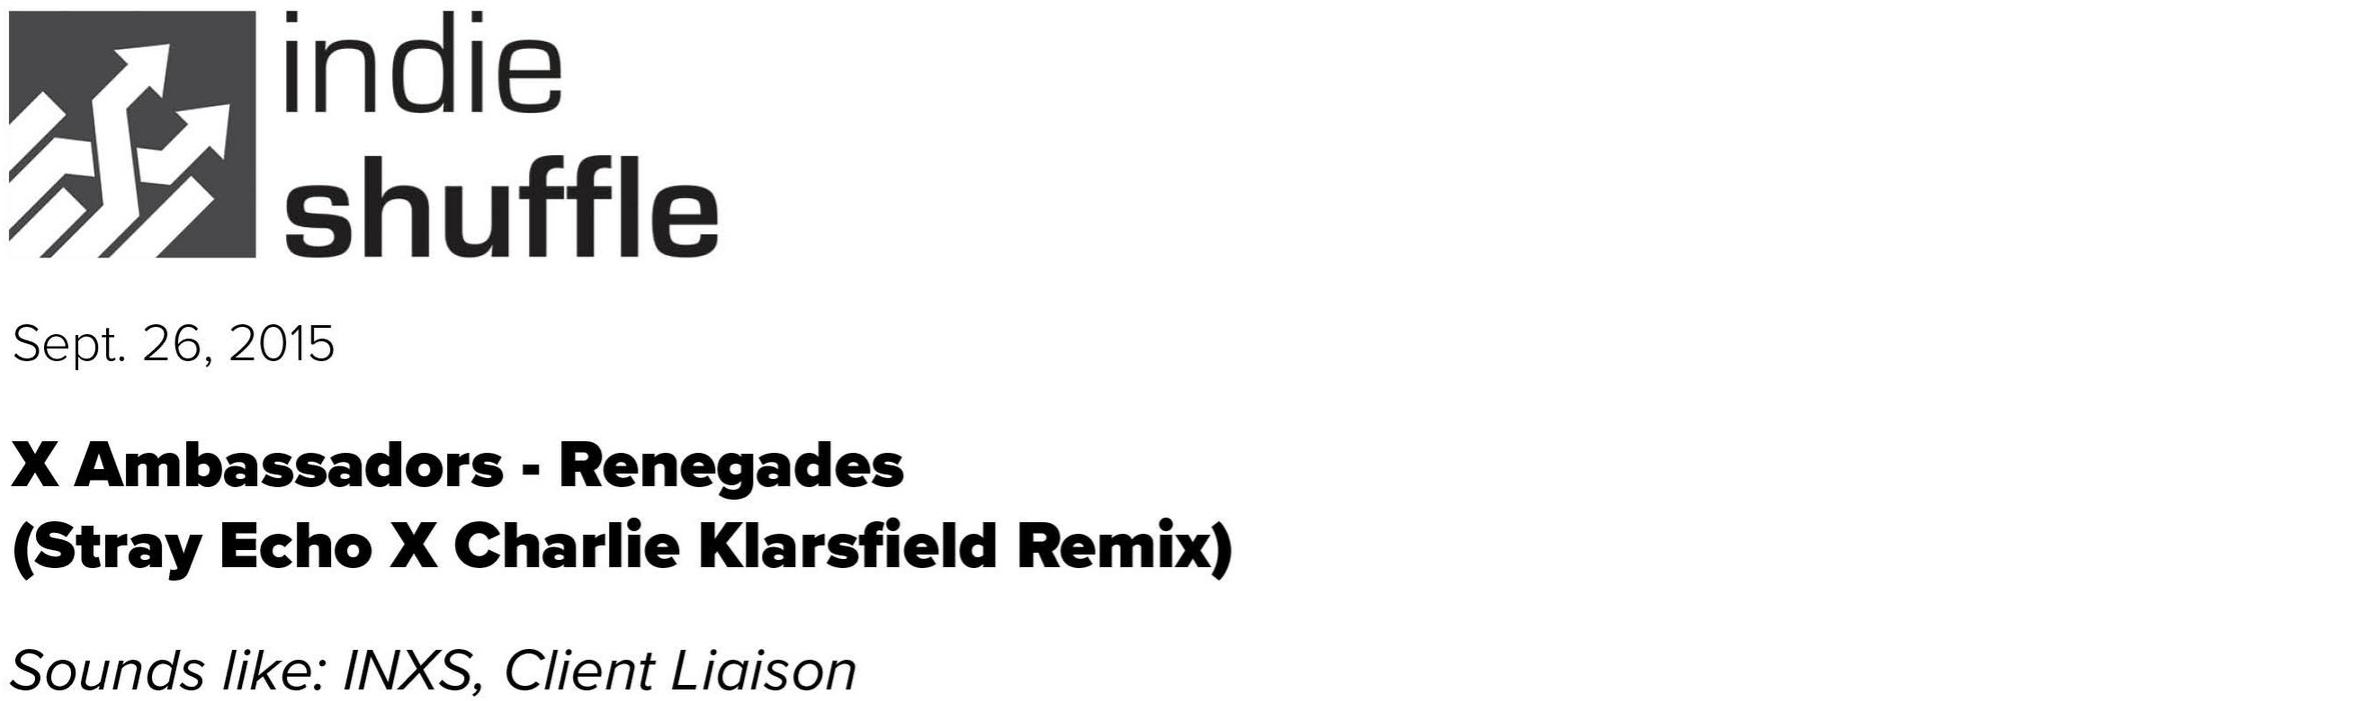 indie shuffle8.jpg